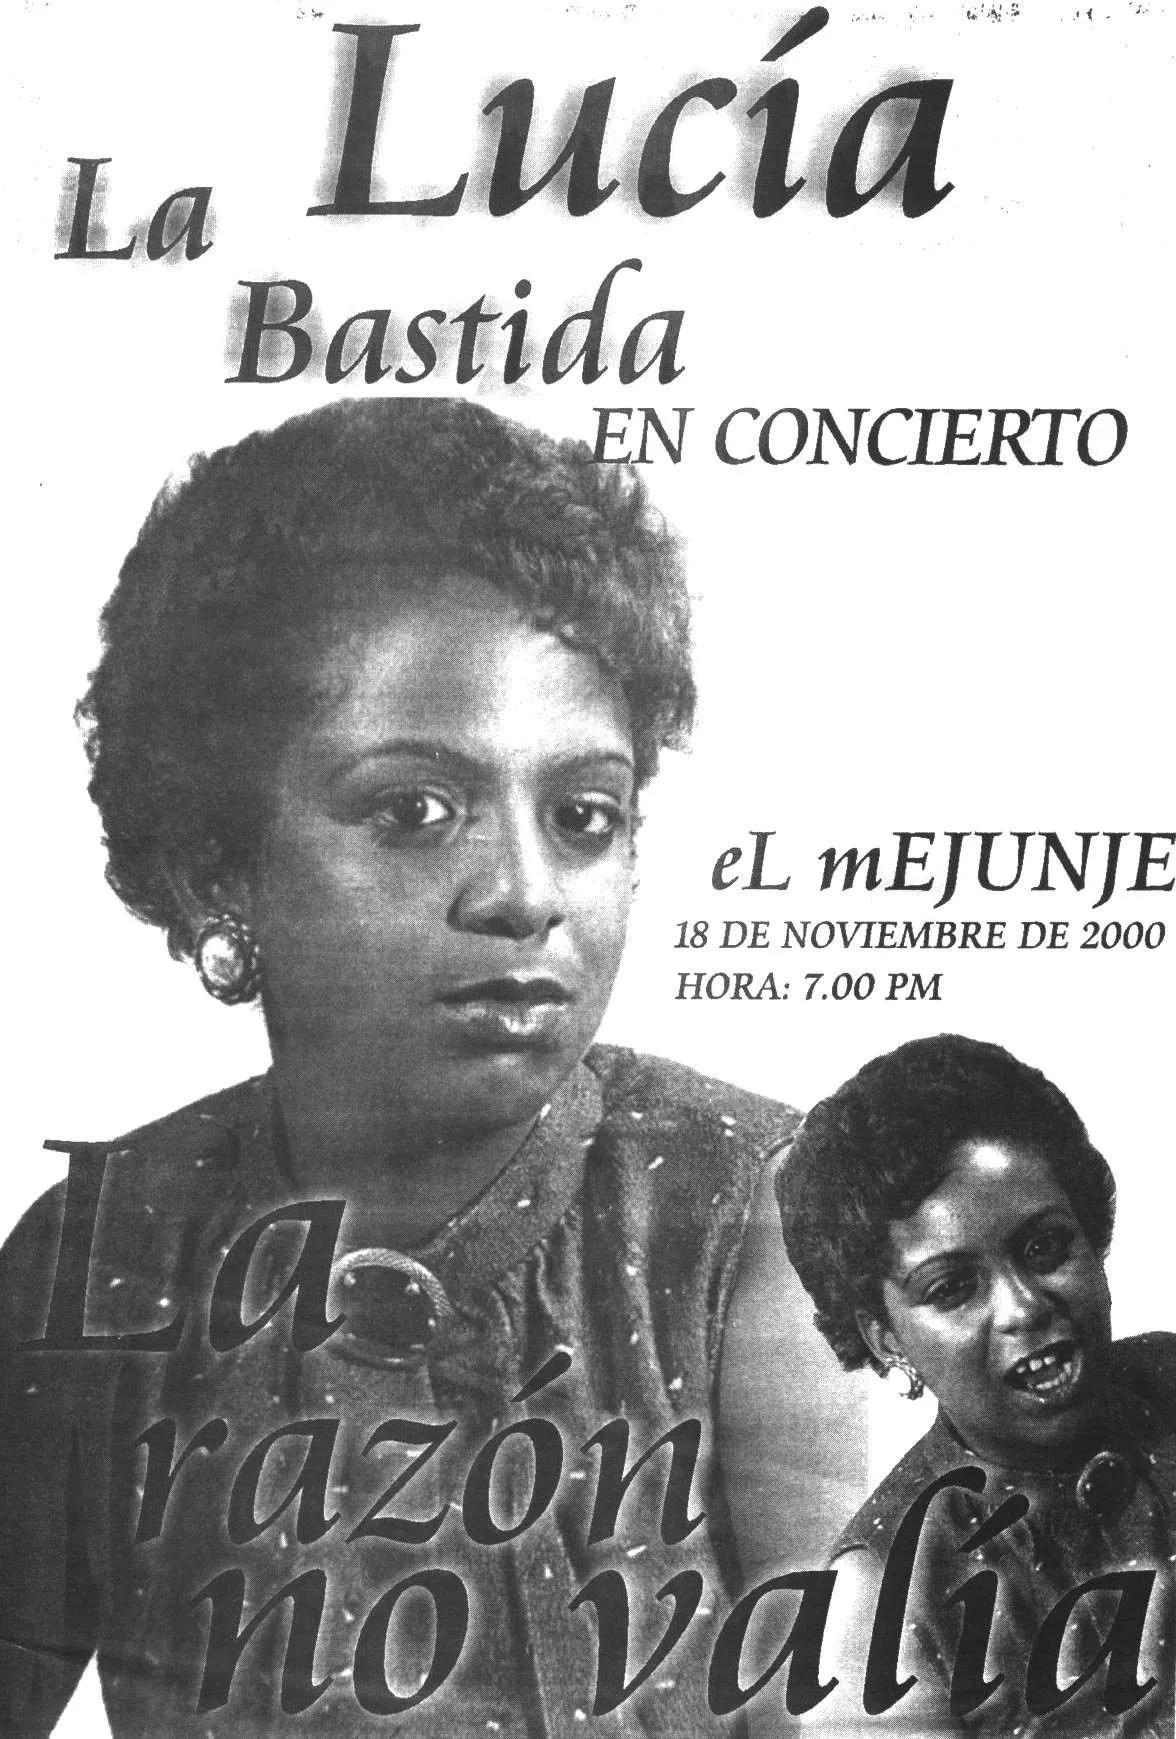 Cartel del primer concierto de Lucía Labastida en El Mejunje. Archivo: Alexis Castañeda